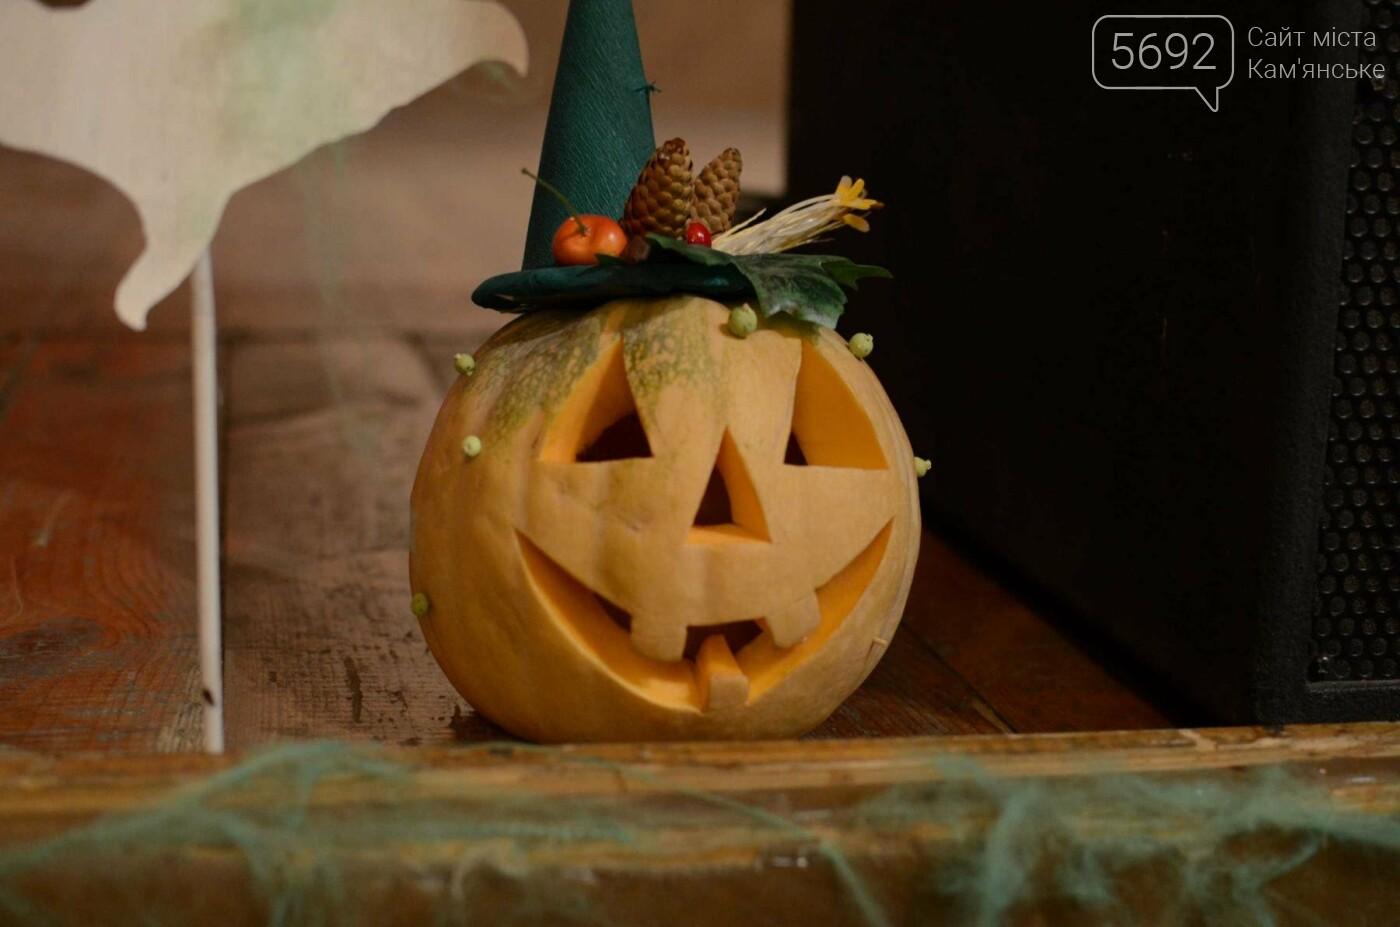 Ночь кино в Каменском посвятили Хэллоуину, фото-36